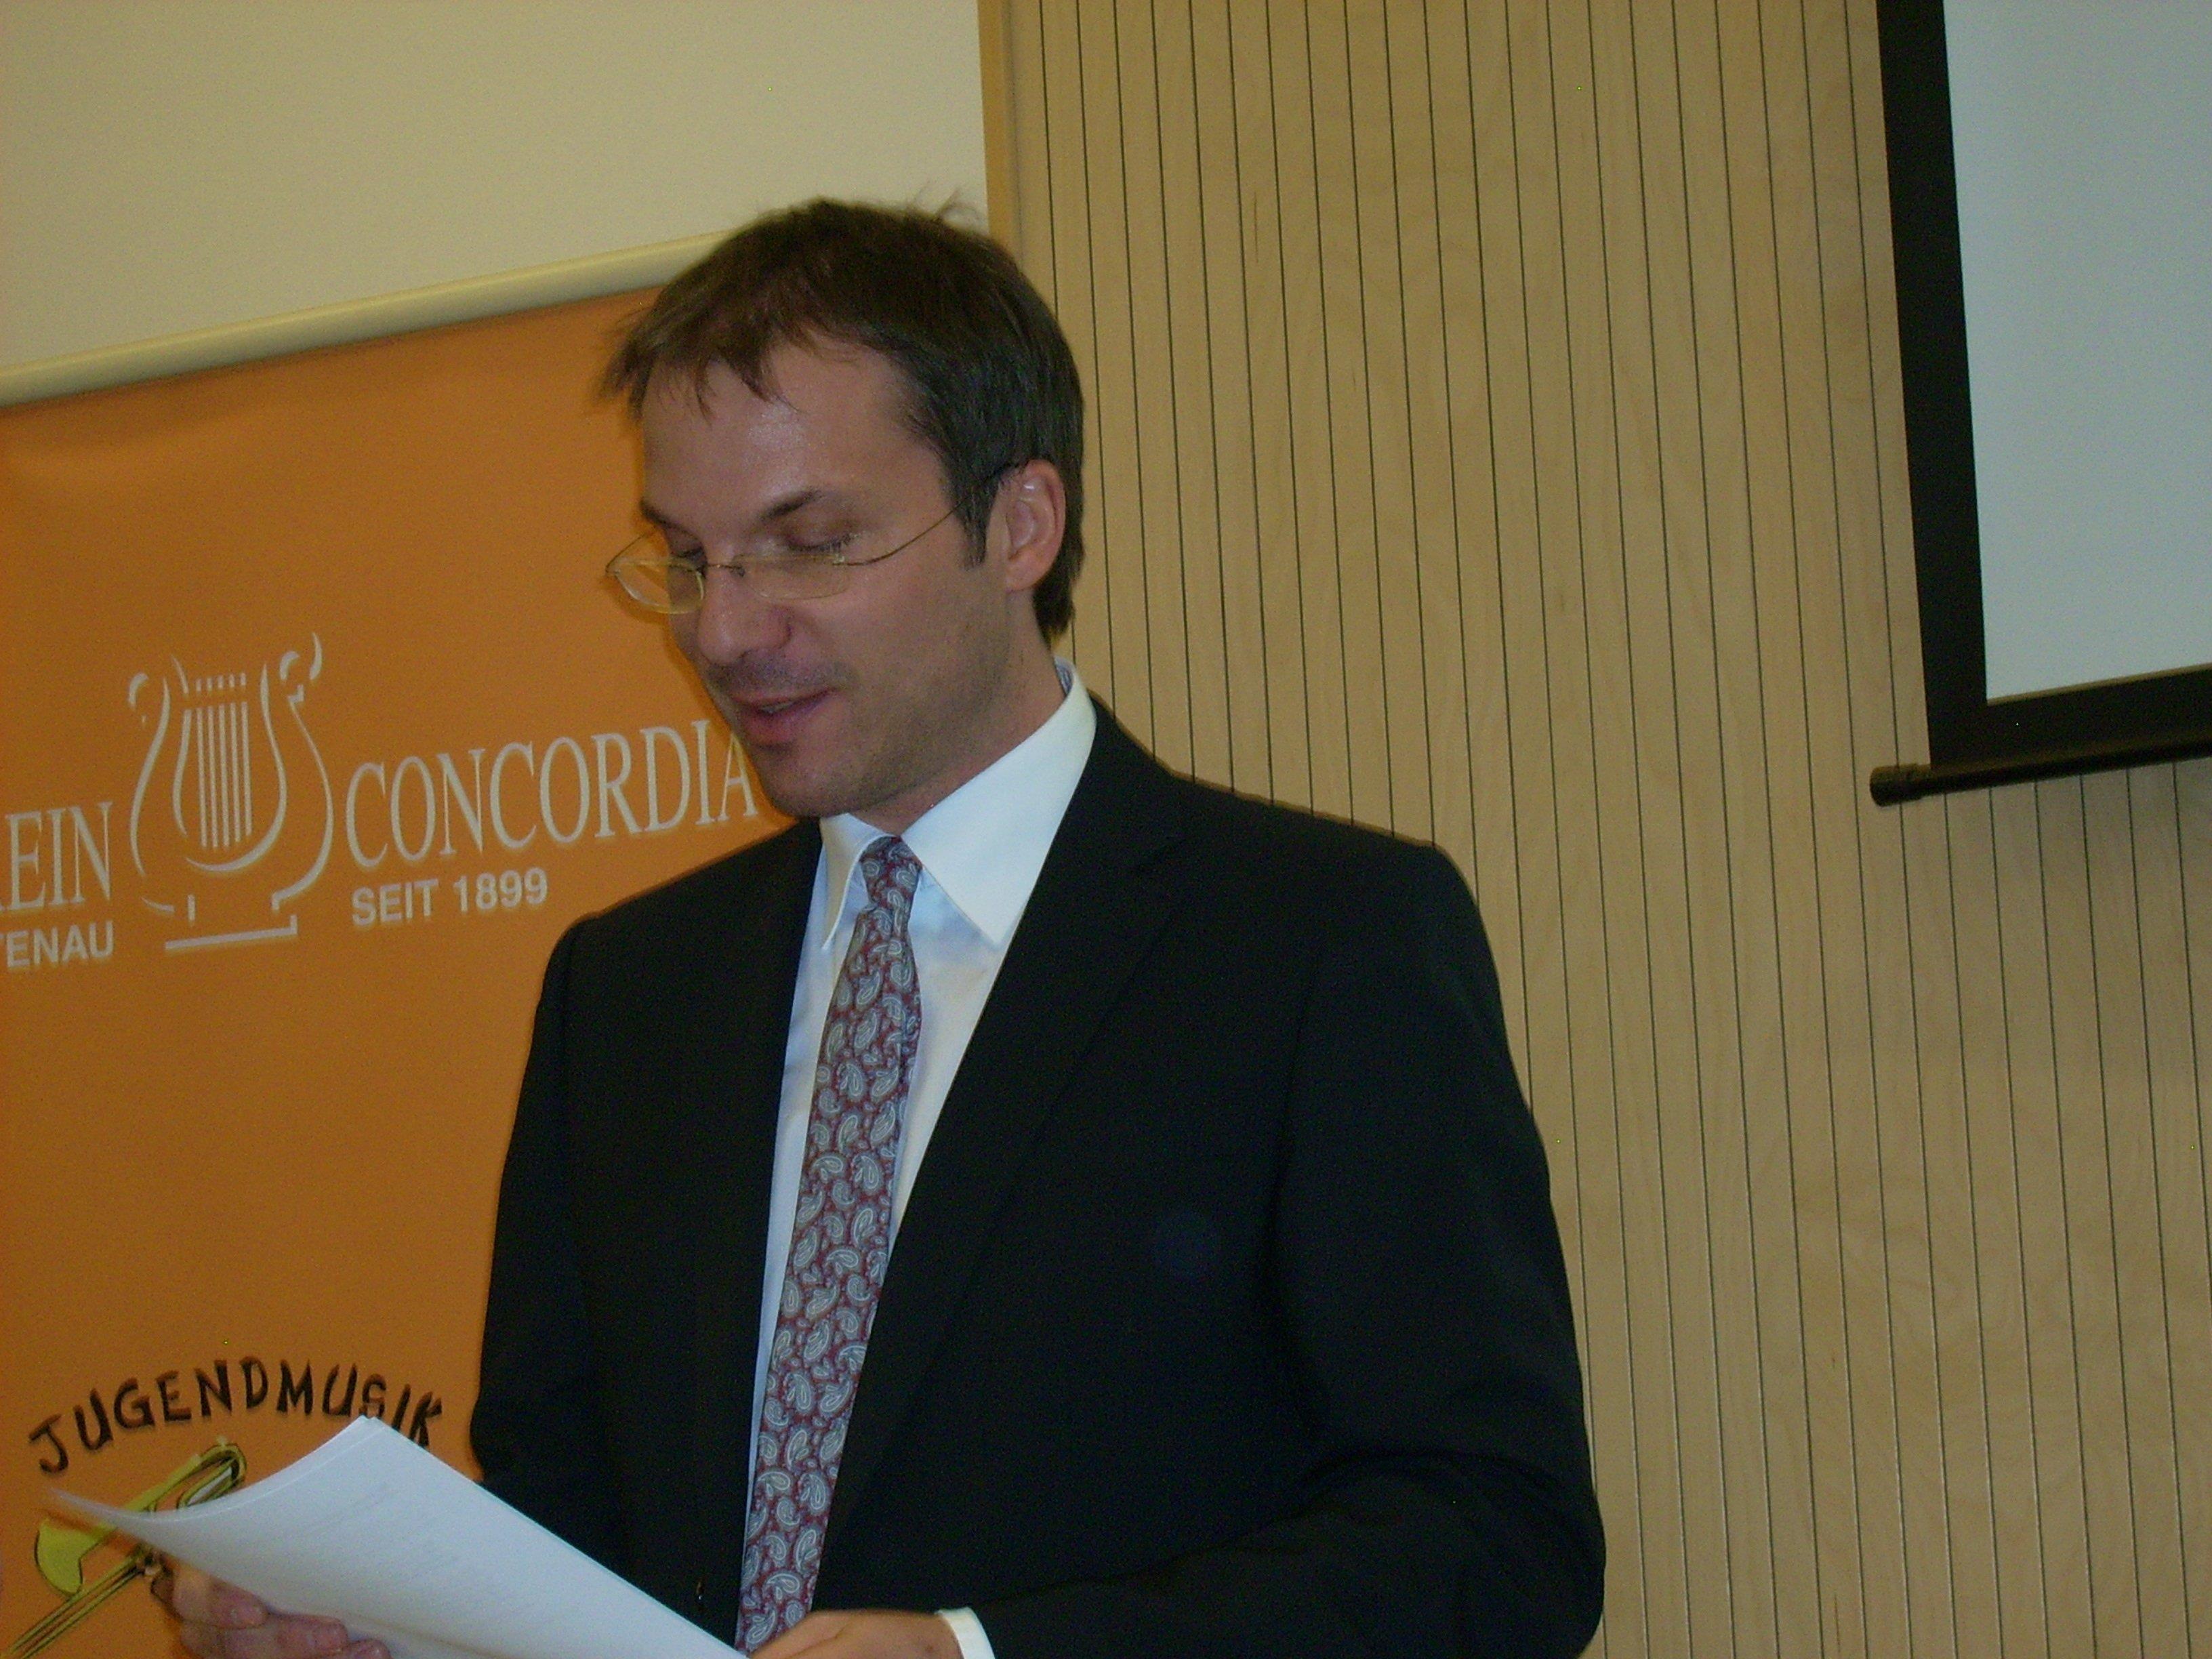 Konnte wieder zahlreiche Mitglieder und Freunde des MV Concordia begrüßen: Obmann Oliver Huber